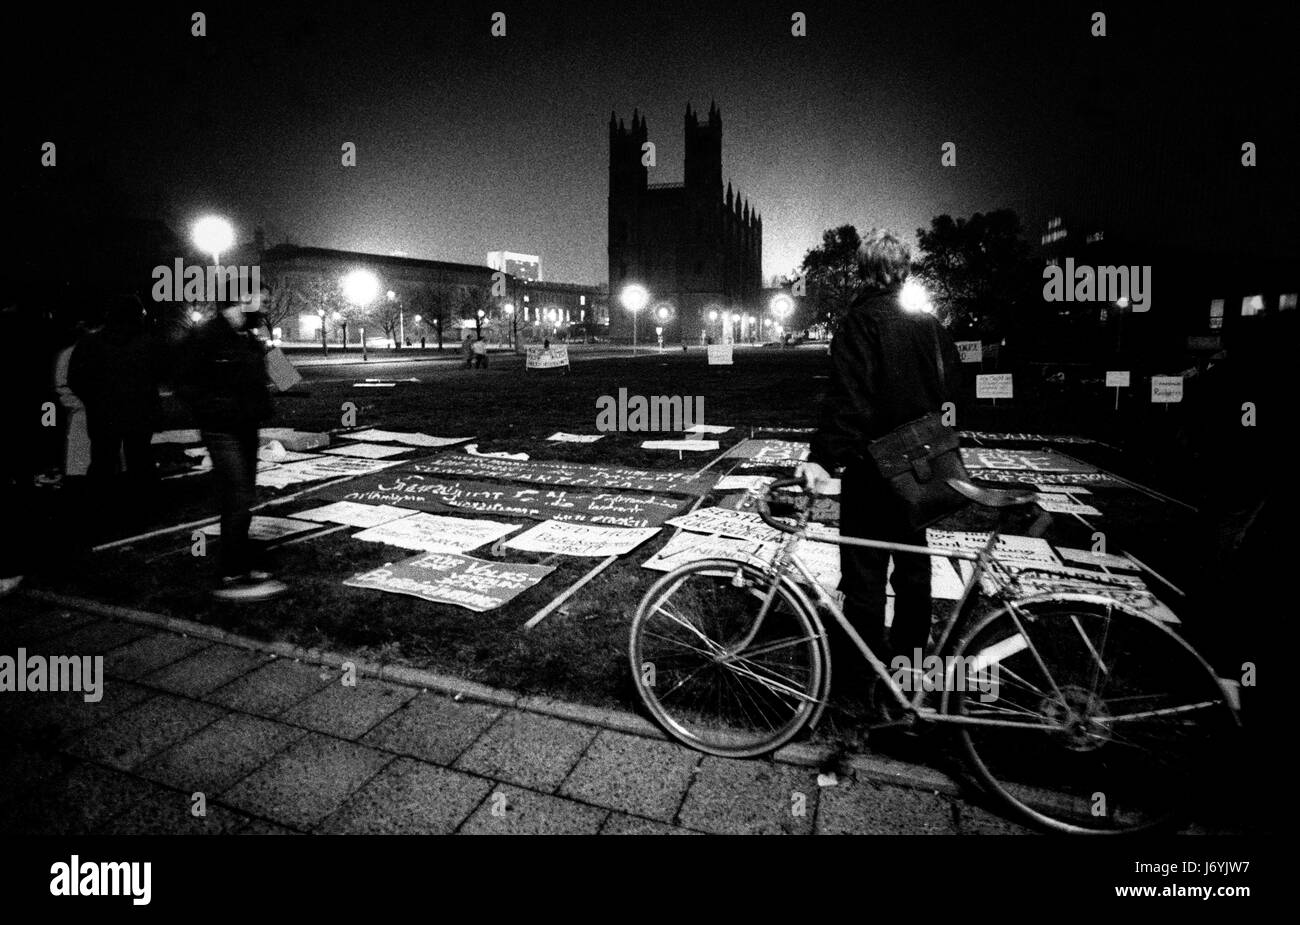 Berlin, Deutschland-fotografiert an den Tagen vor dem Fall der Berliner Mauer einschließlich der Nacht von der Wand Stockfoto